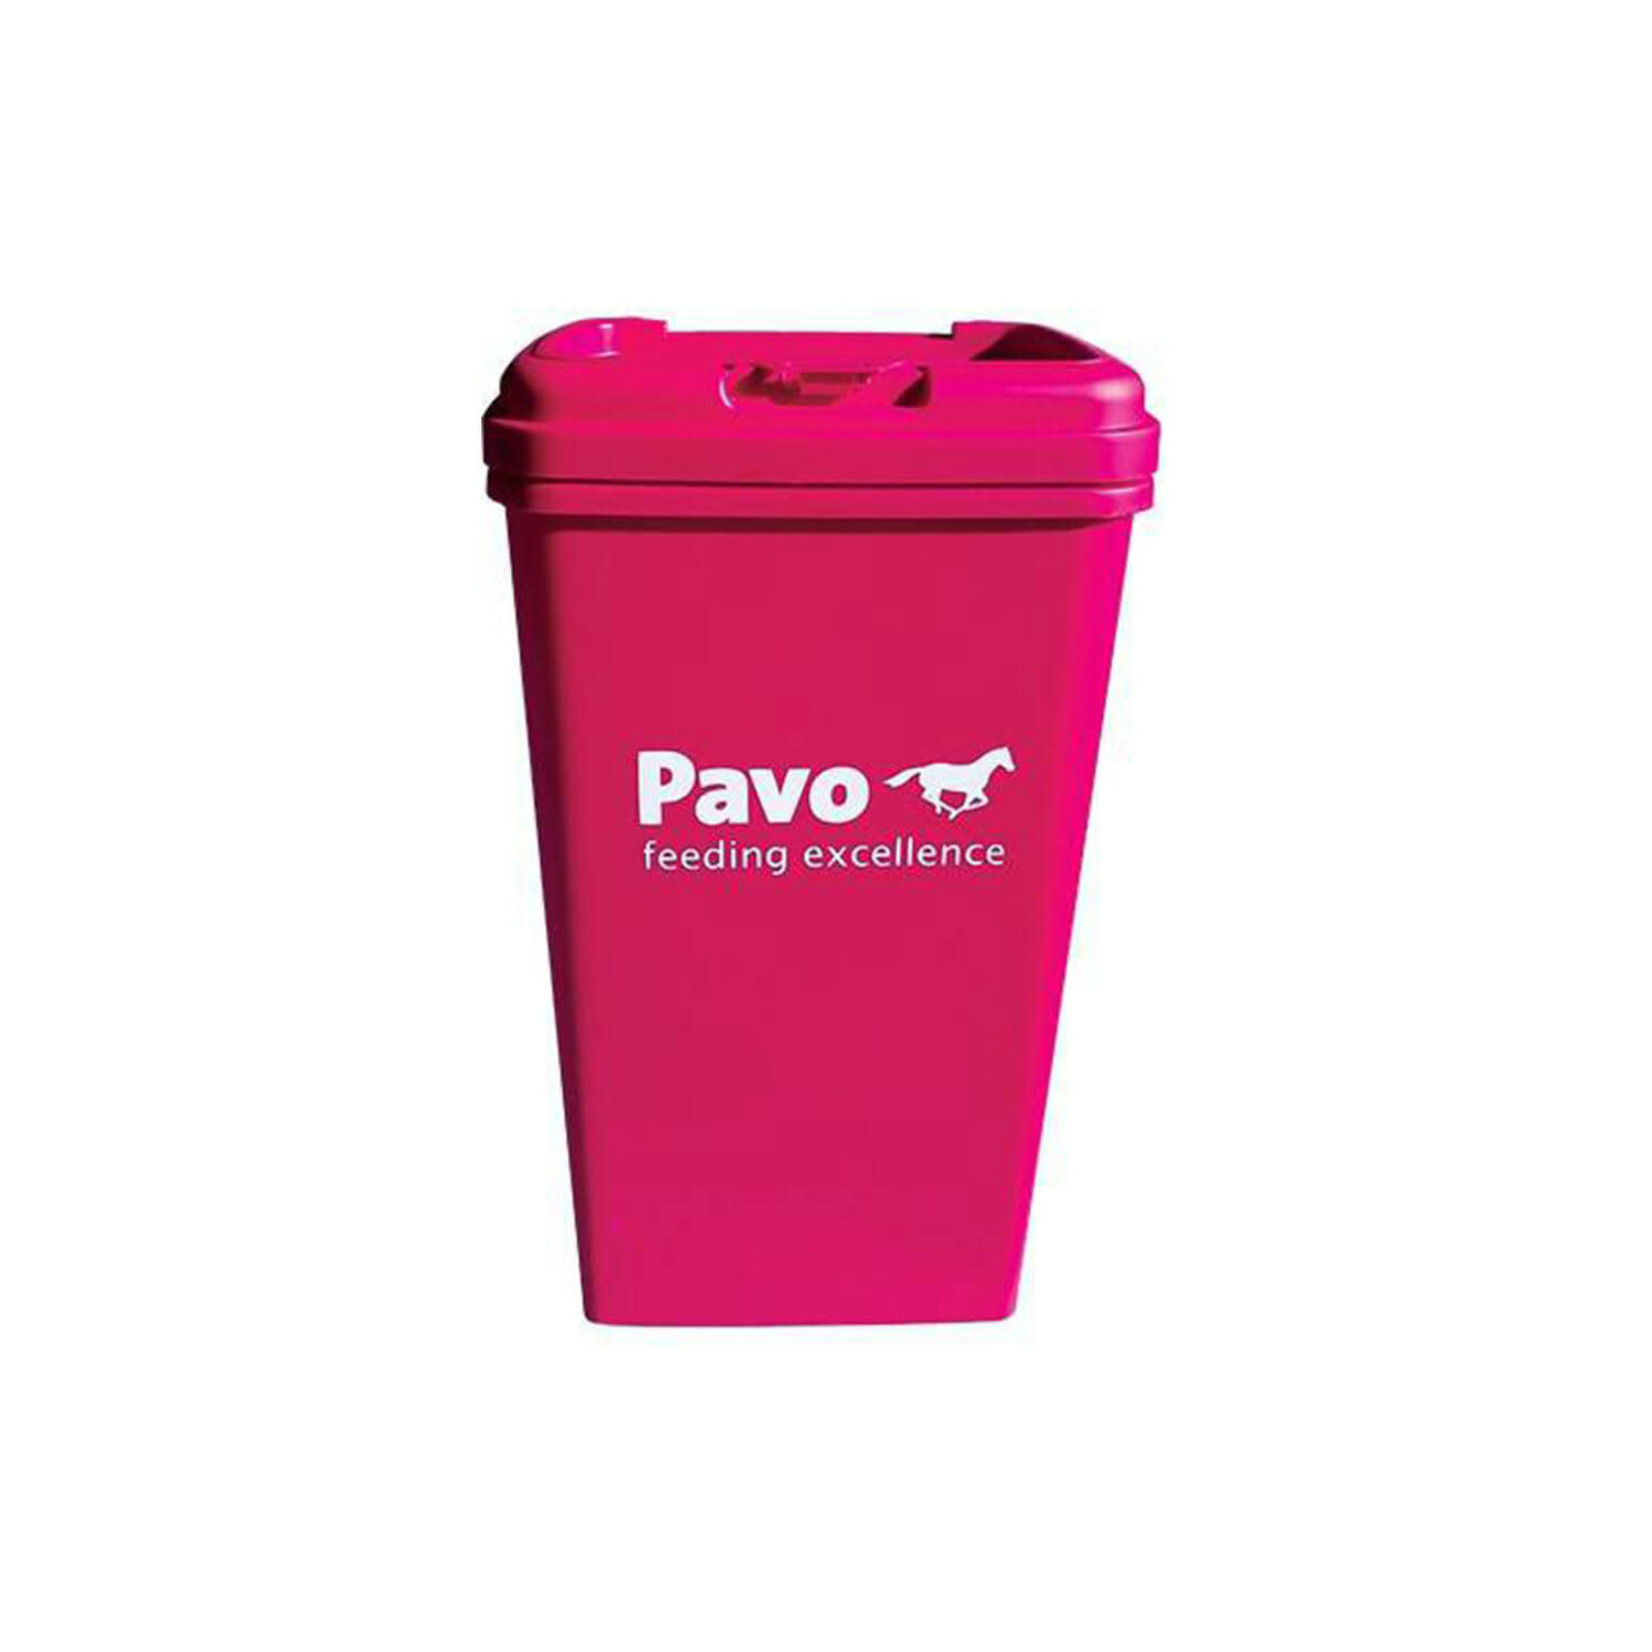 Pavo Pavo voerton